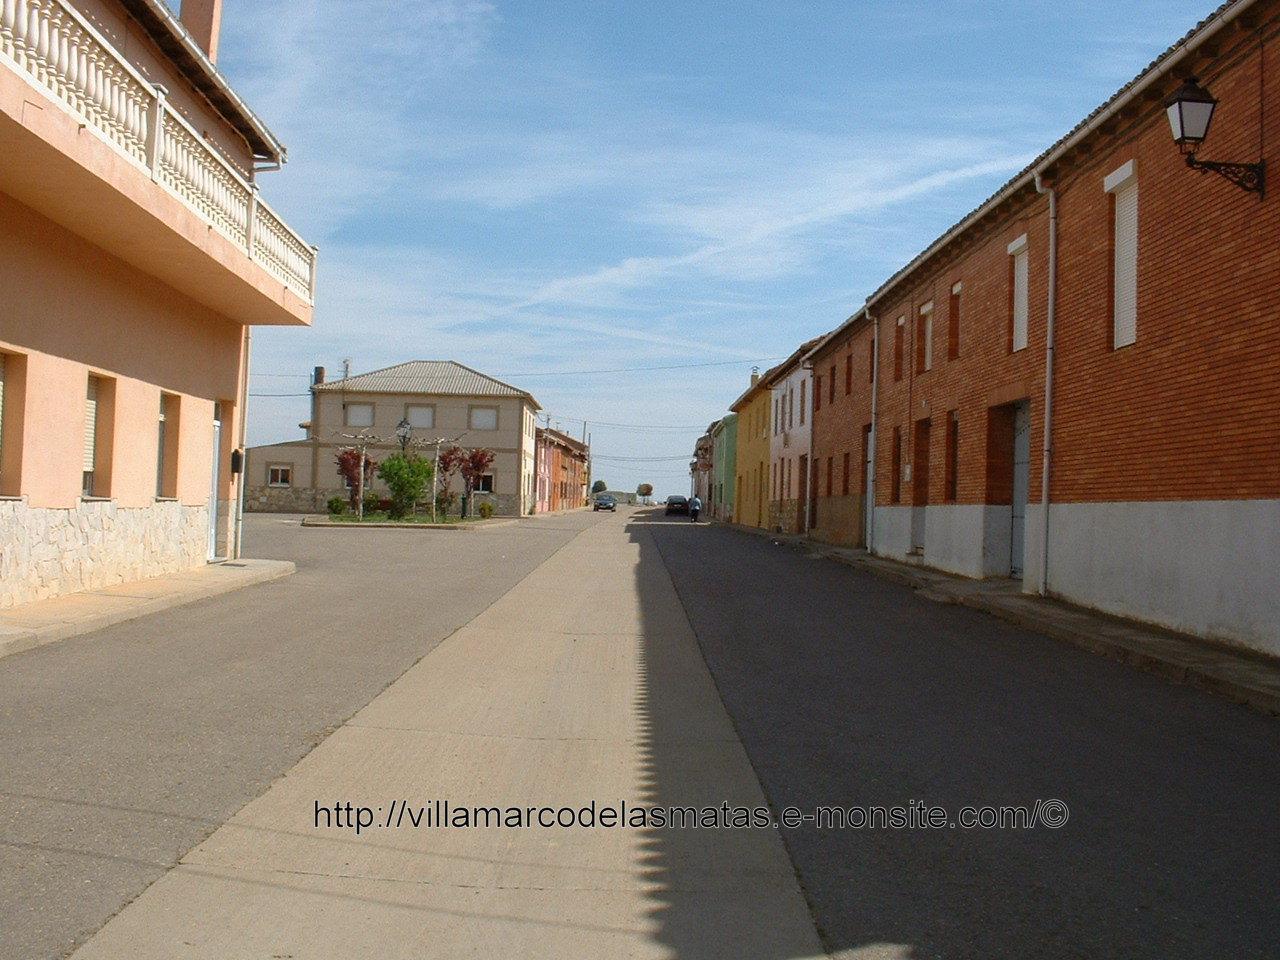 Calle Carre Monte